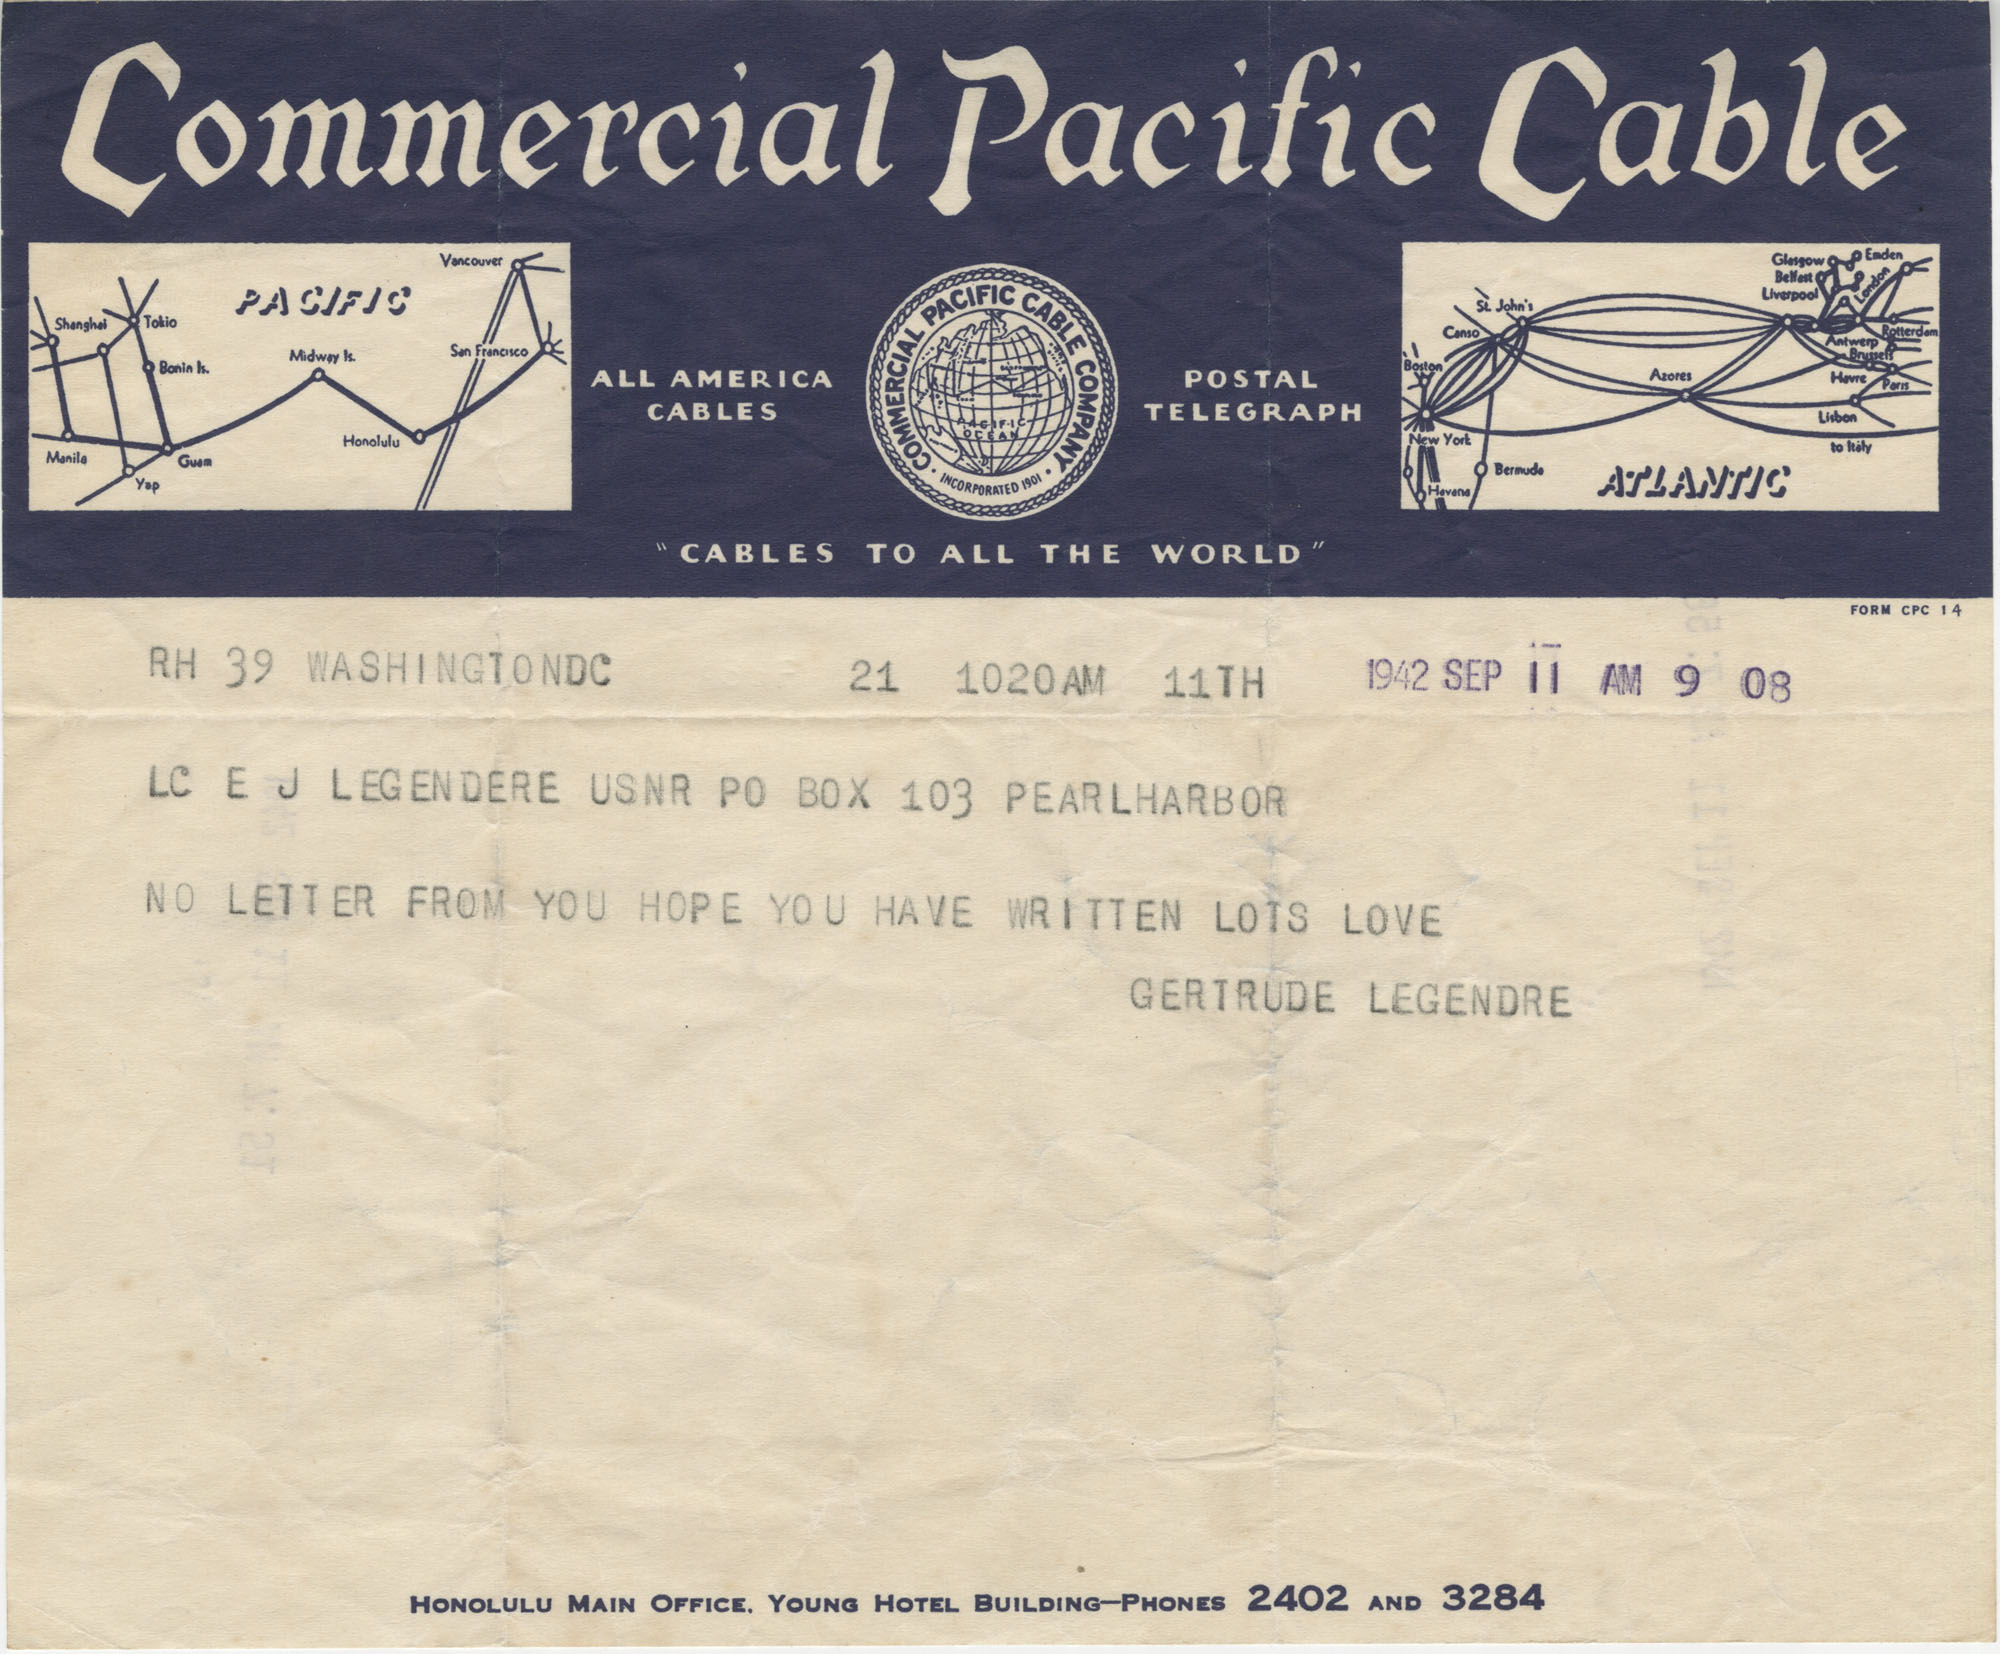 Letter from Gertrude Sanford Legendre, September 11, 1942